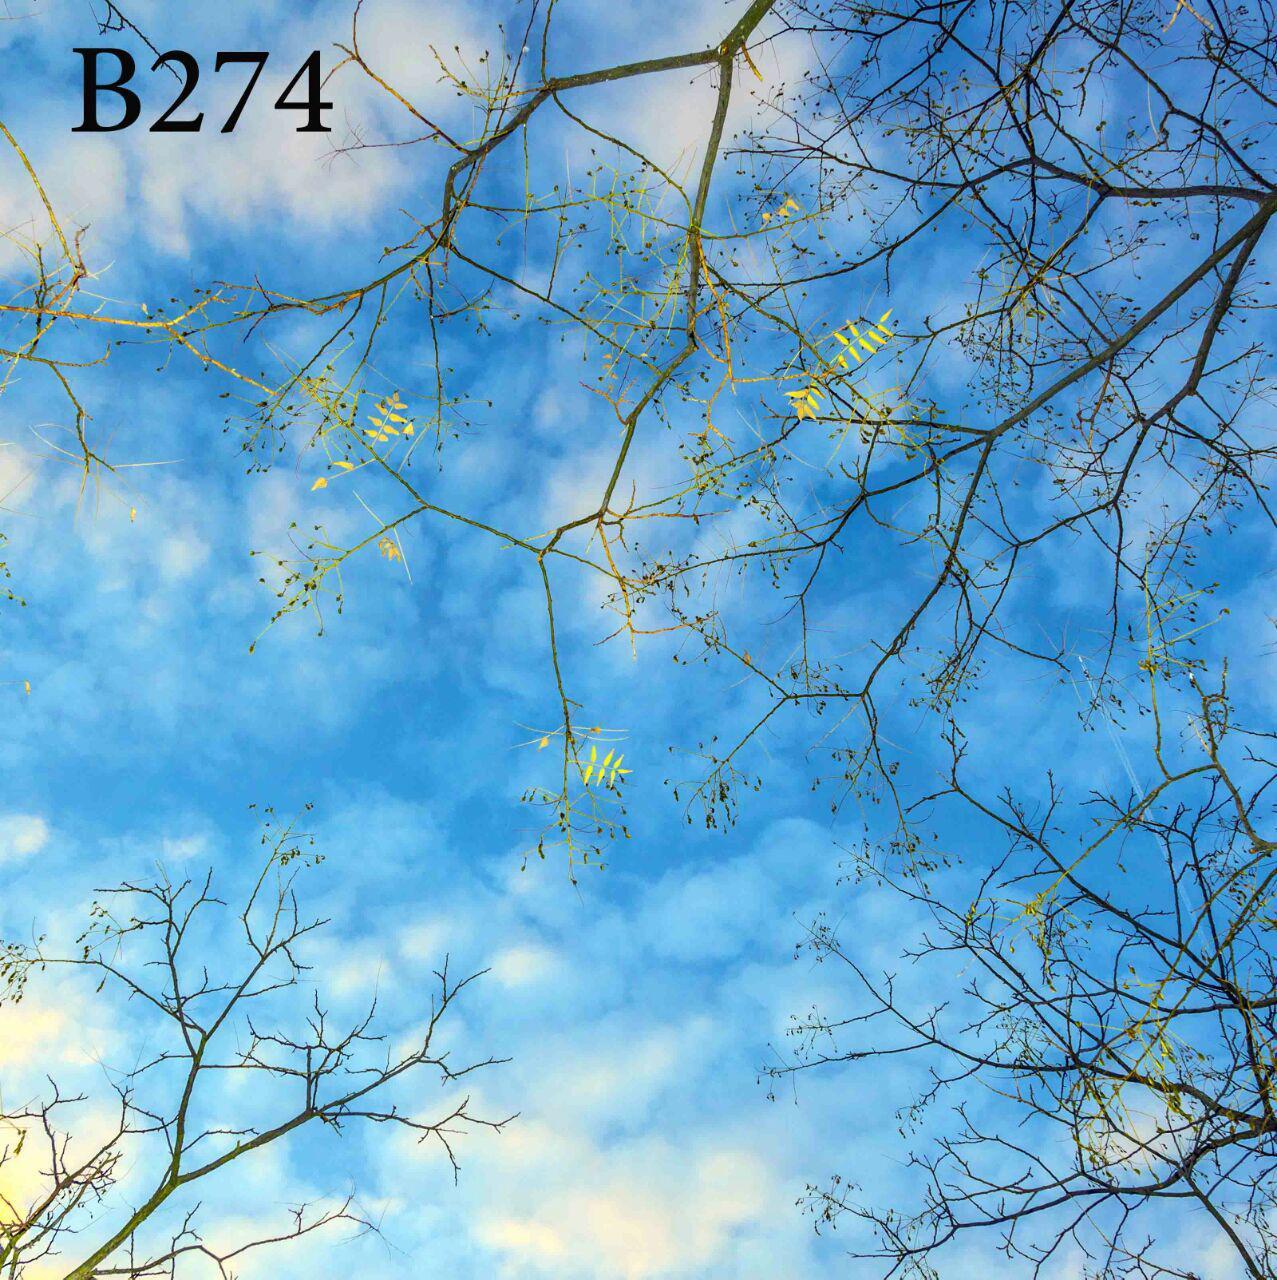 photo_۲۰۱۸-۱۲-۱۵_۱۲-۱۳-۵۵